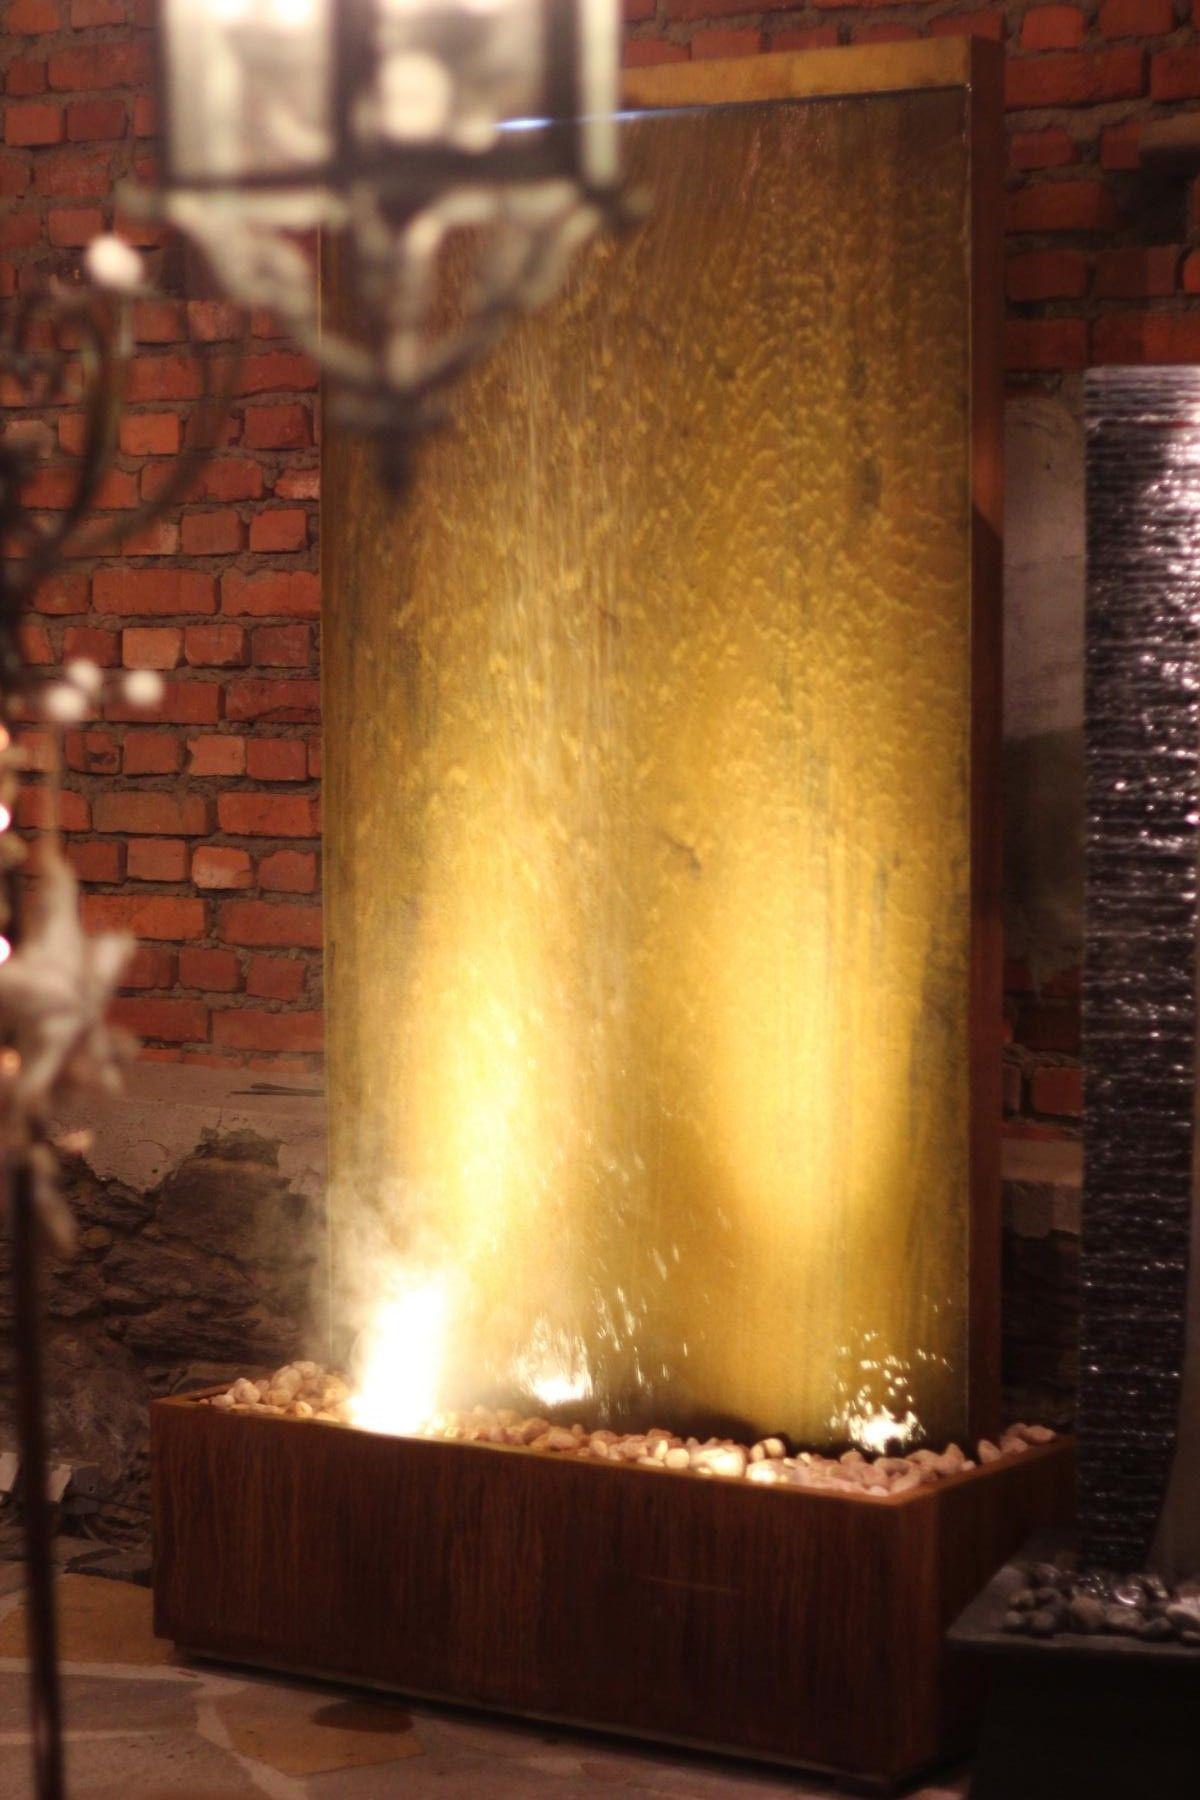 Gigant Wasserwand Cordon Cortenstahl Zimmerbrunnen Brunnenschmiede De Wasserwand Garten Zimmerbrunnen Wasserwand